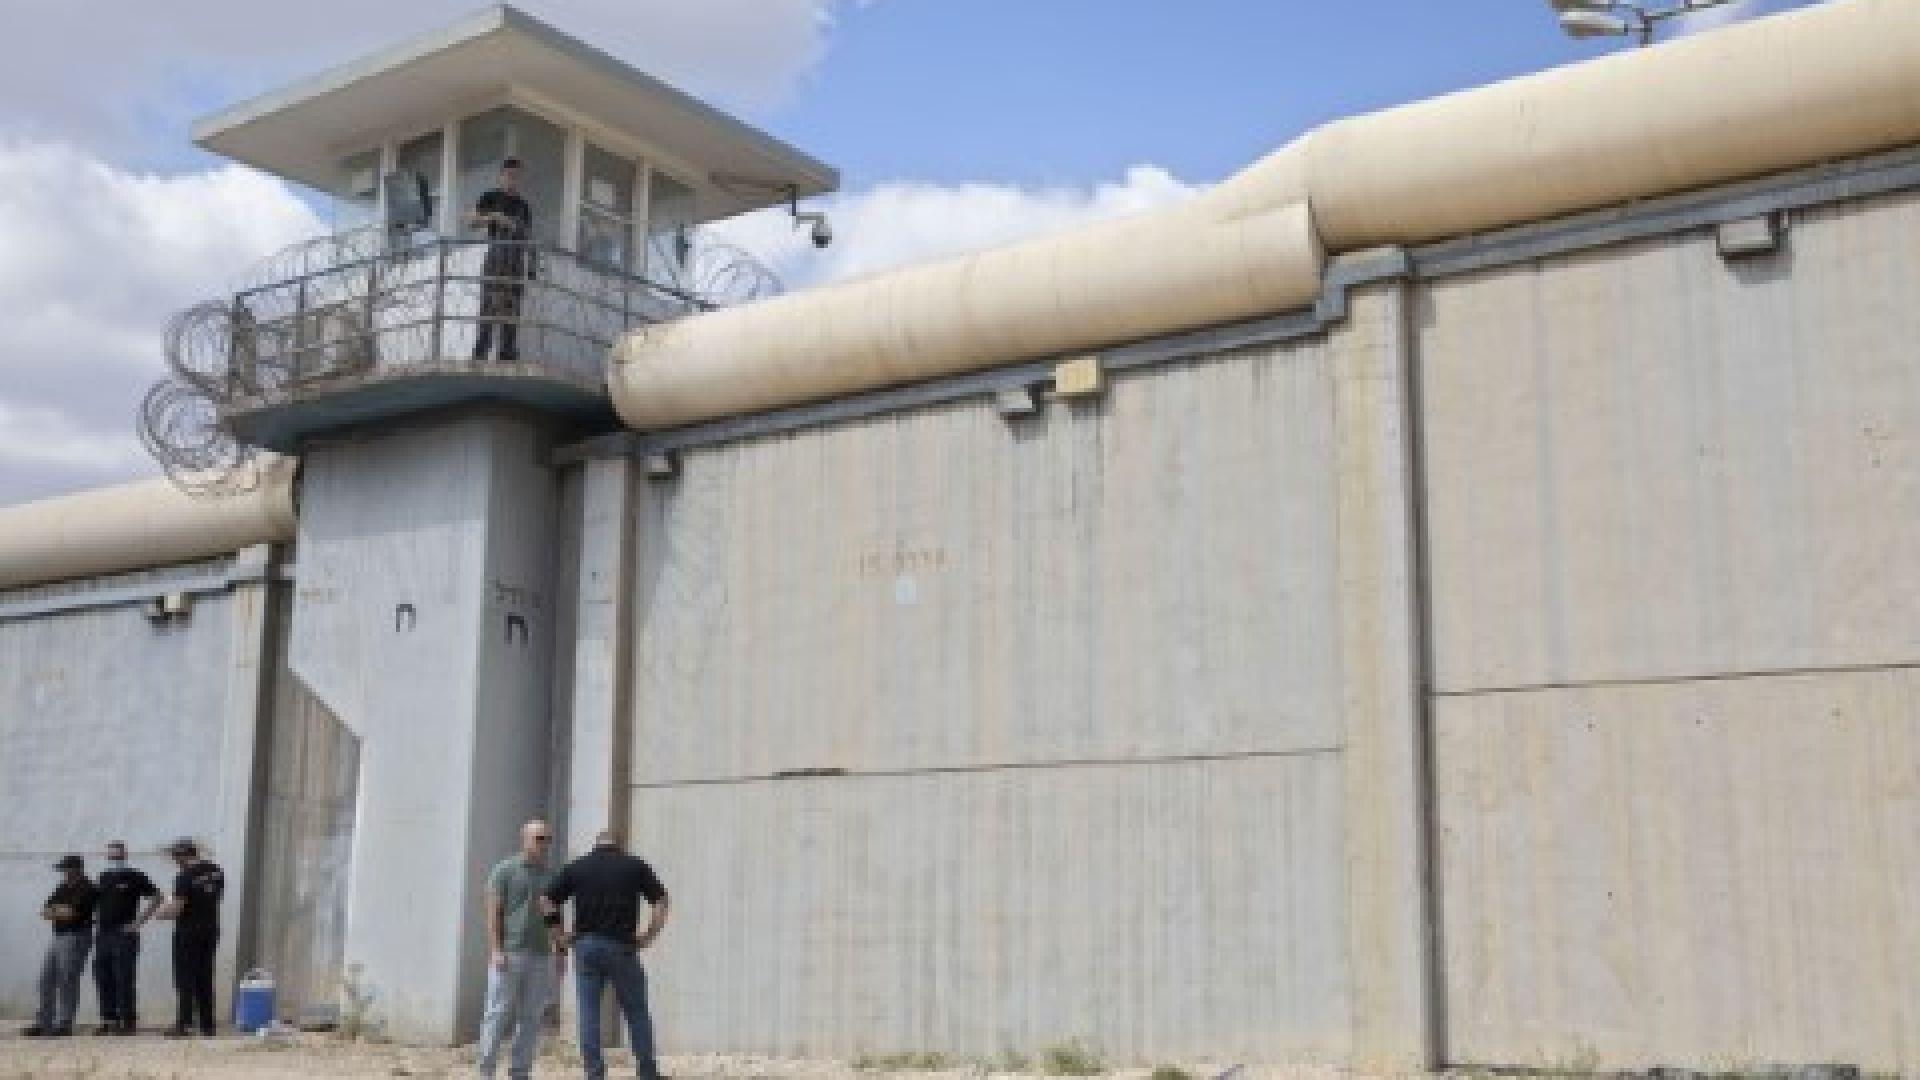 Шестима палестинци избягаха от затвор в Северен Израел в понеделник, 6 септември 2021 г. - затвор, смятан за обект с изключителна сигурност